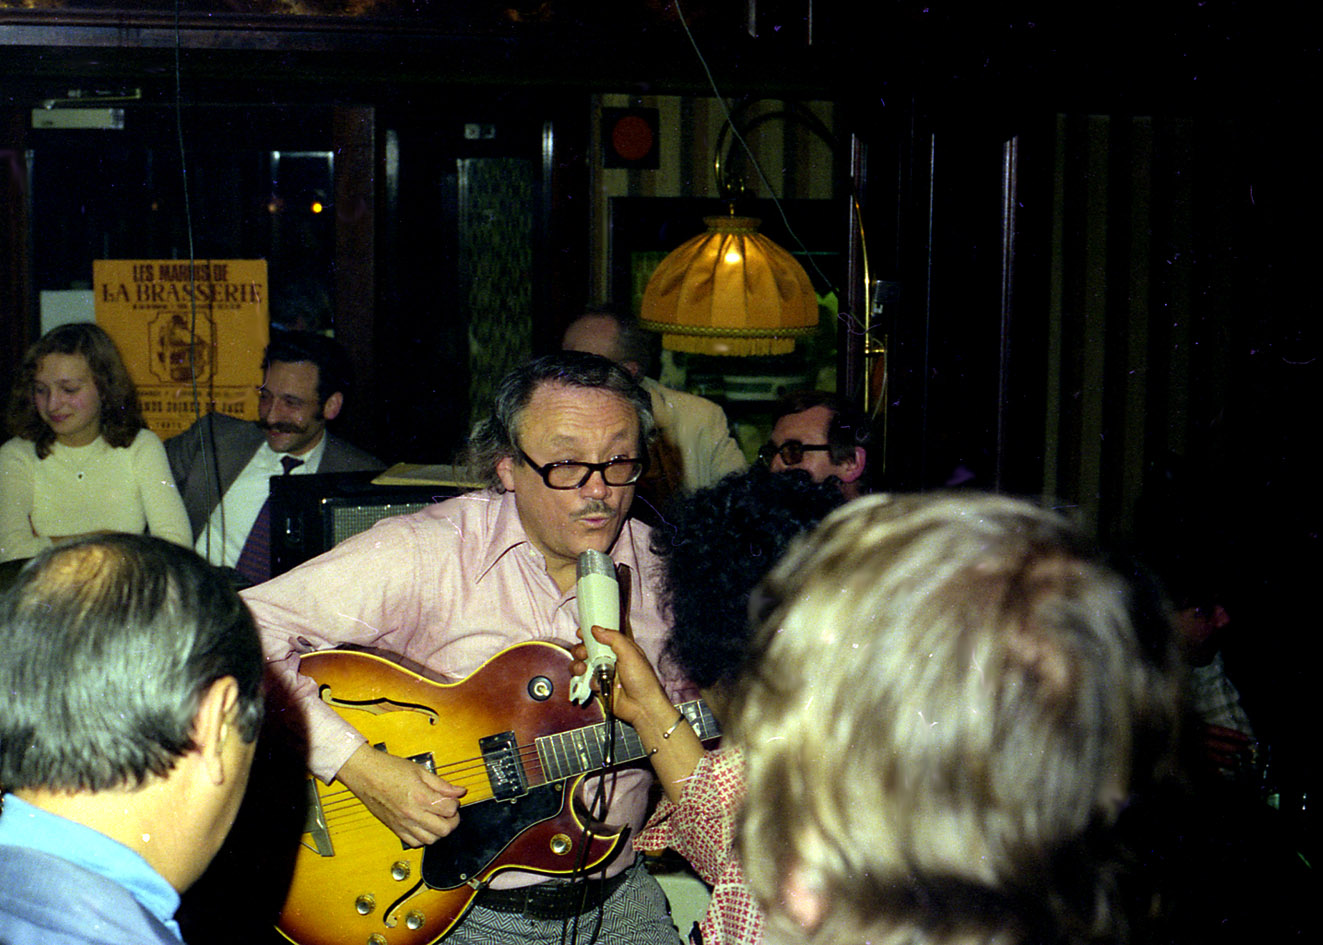 Toots actuando en La Brasserie en 1975